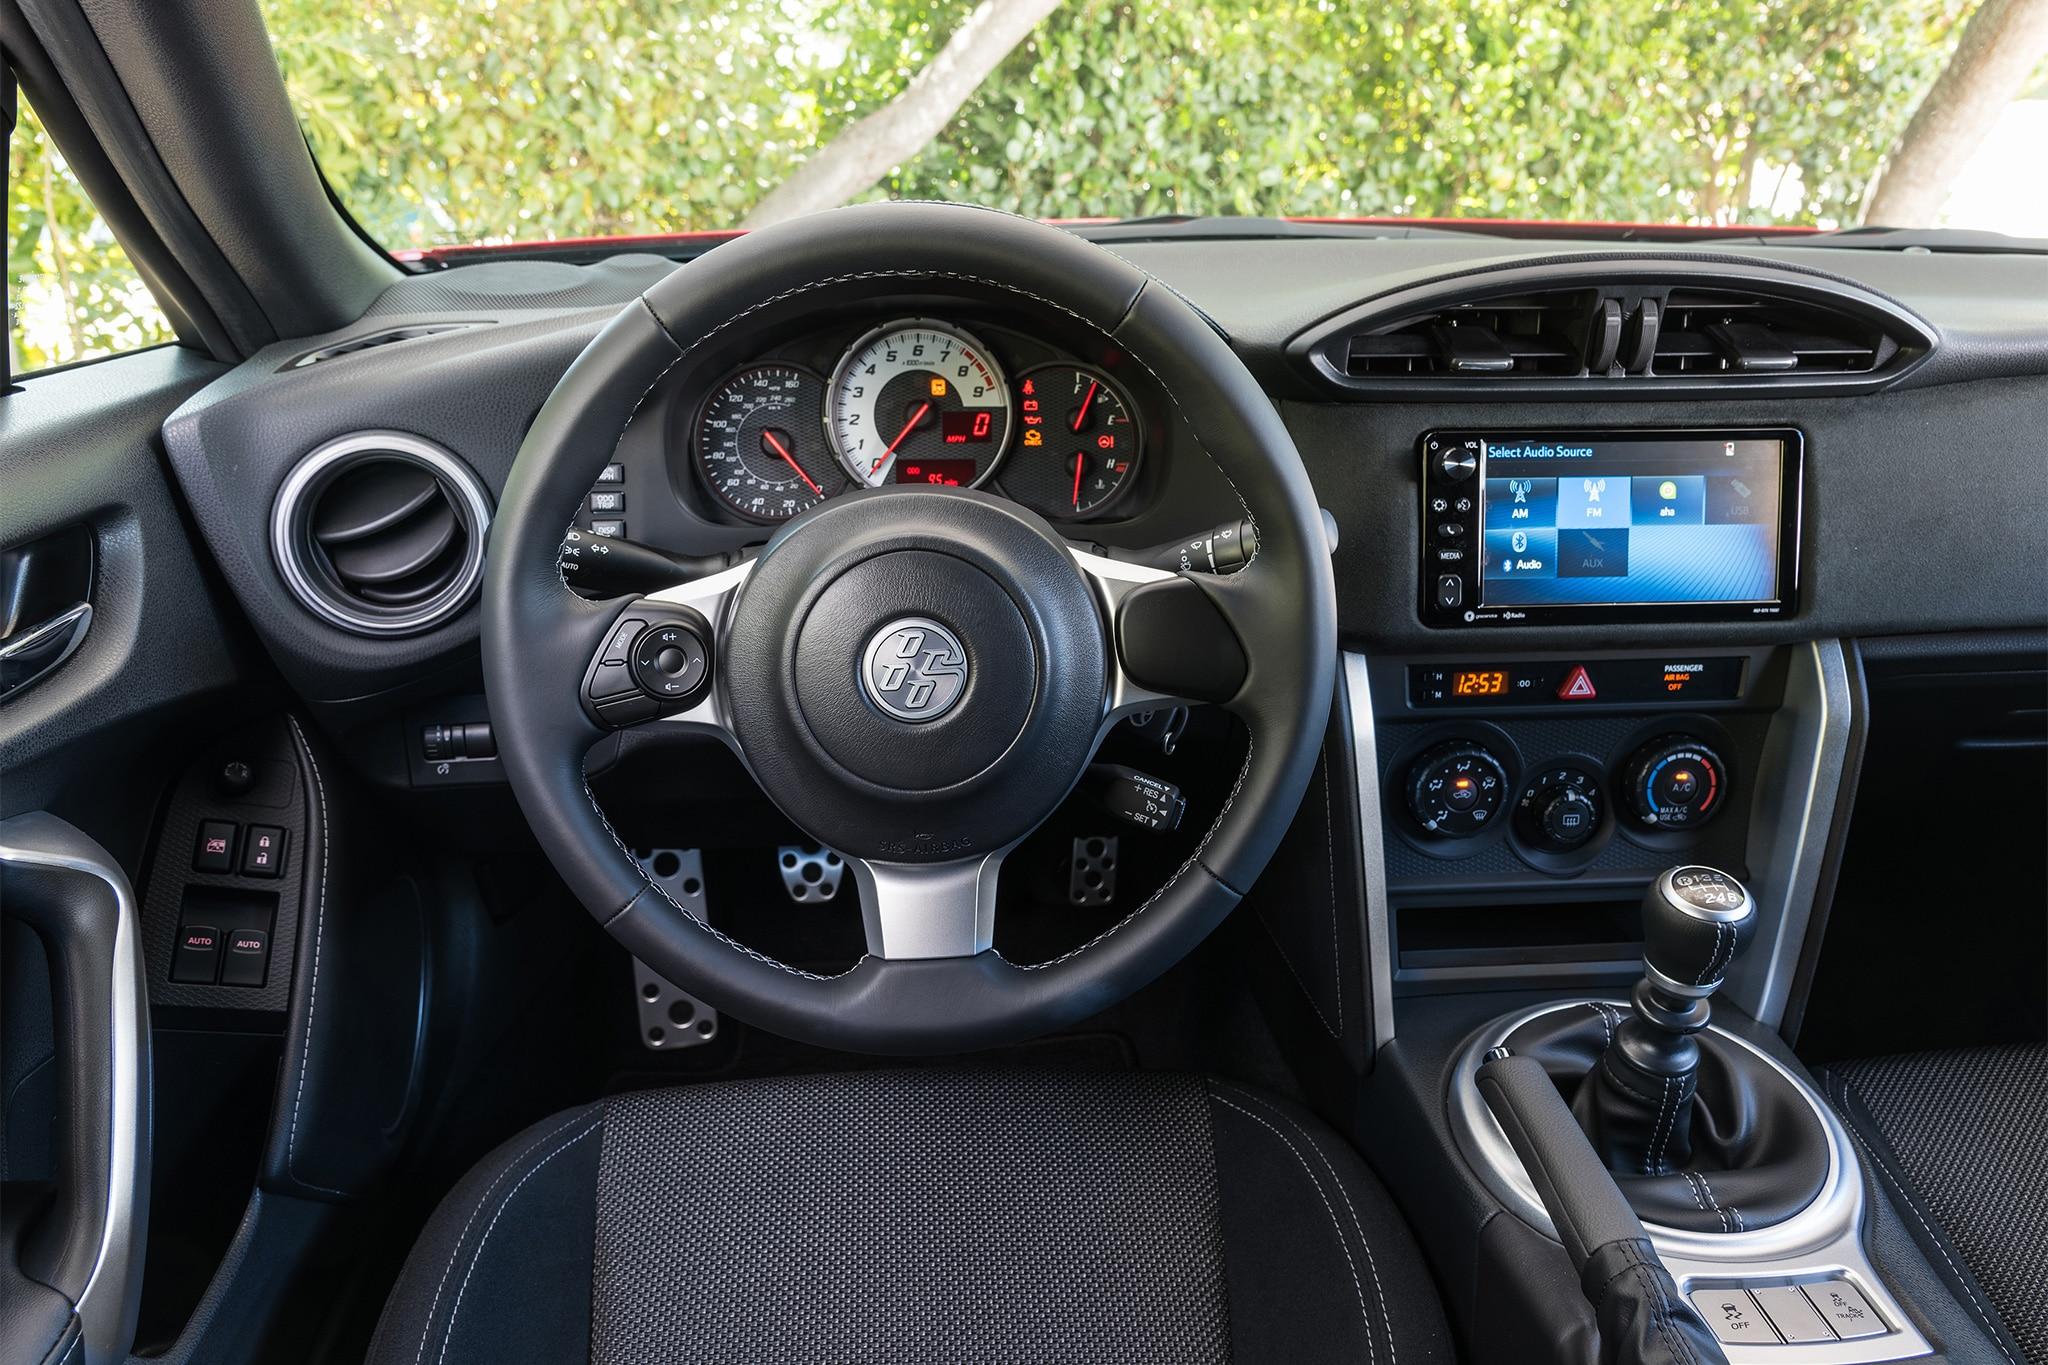 2017 Toyota 86 cabin 01